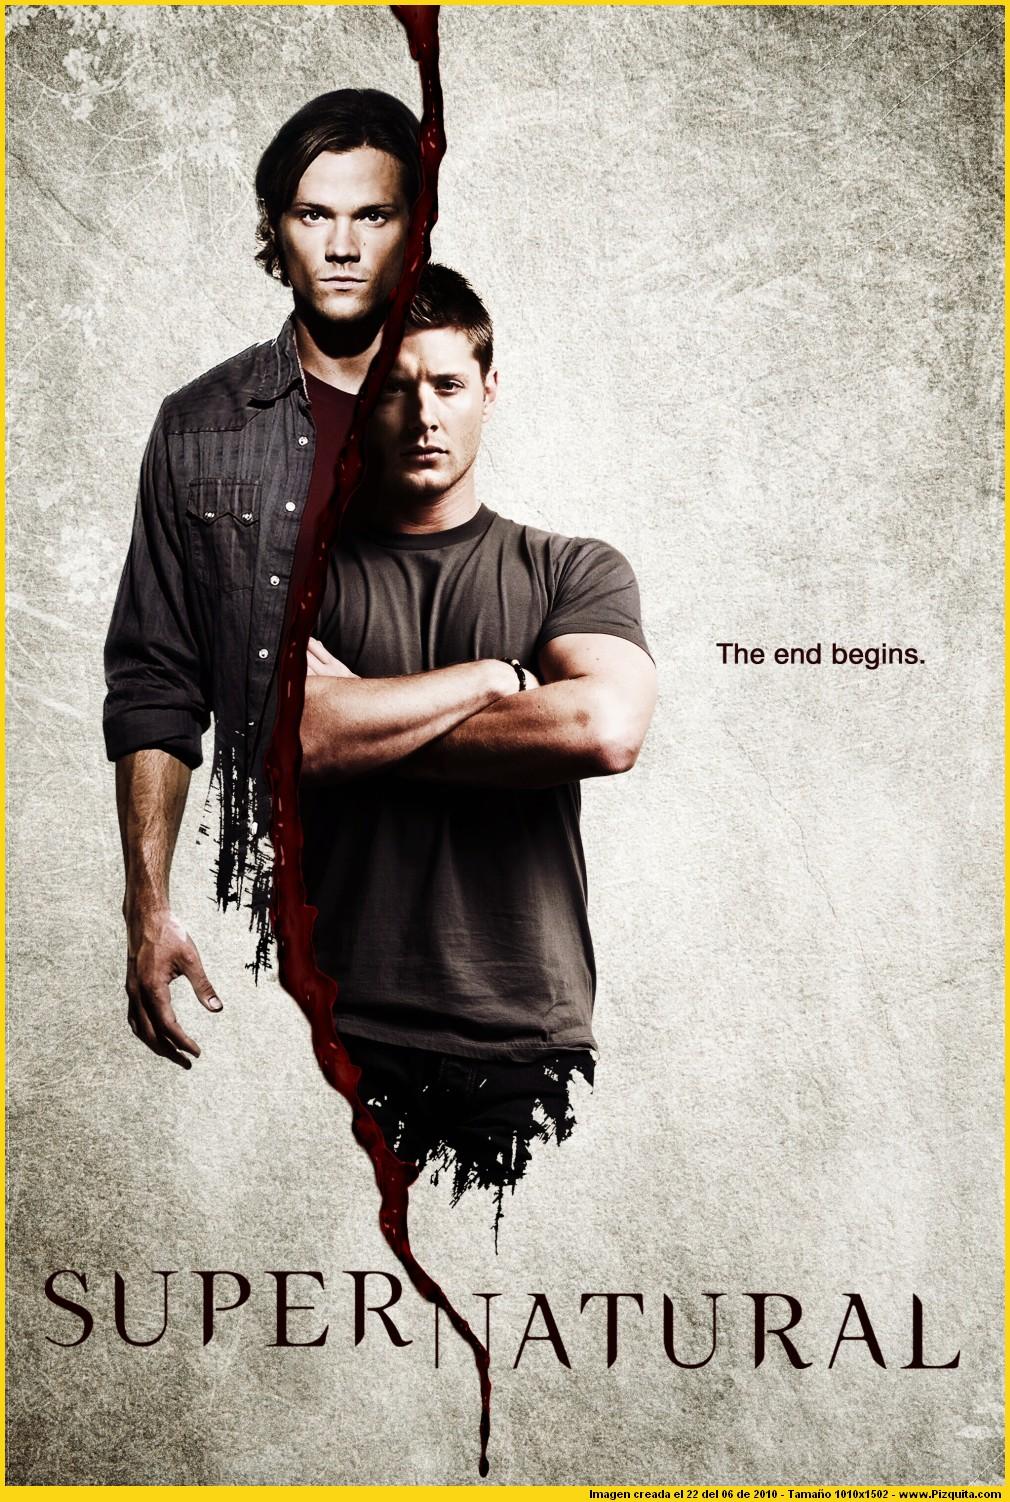 http://3.bp.blogspot.com/_ez6mXXRN_sc/TJq_puW4gyI/AAAAAAAABpM/cgIz34h54sk/s1600/supernatural+6+season+poster.jpg